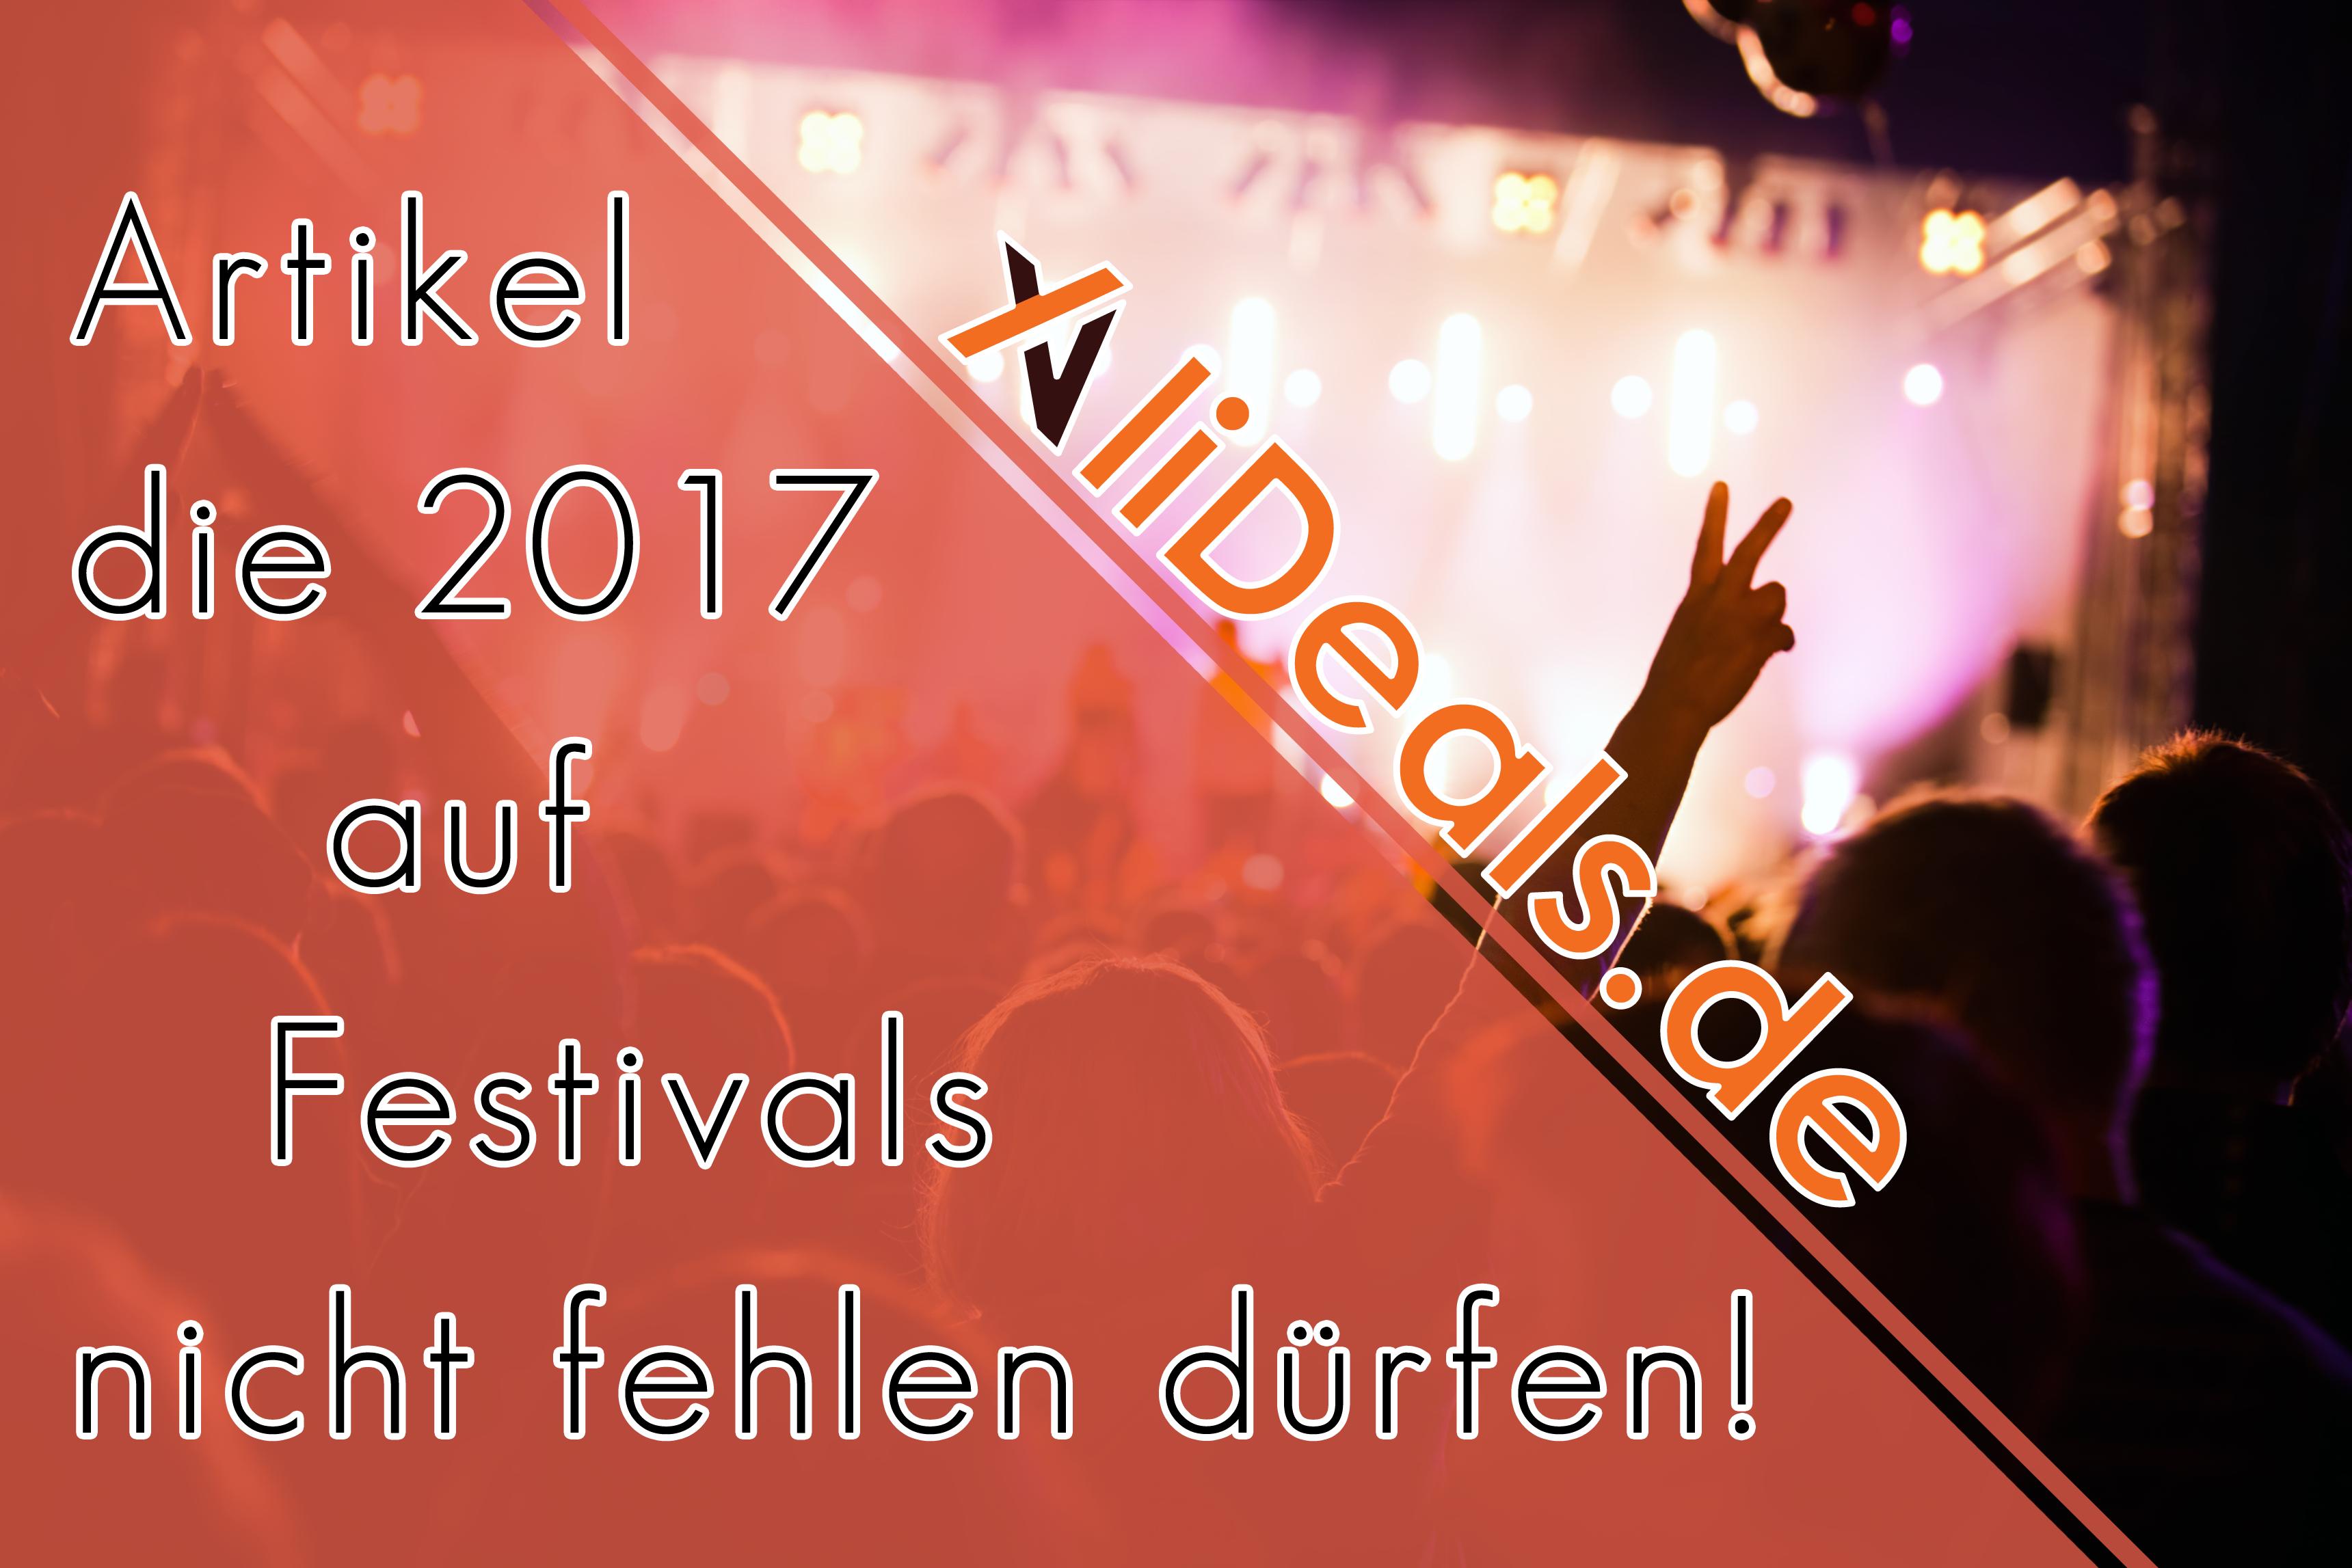 Arikel die 2017 auf Festivals nicht fehlen dürfen